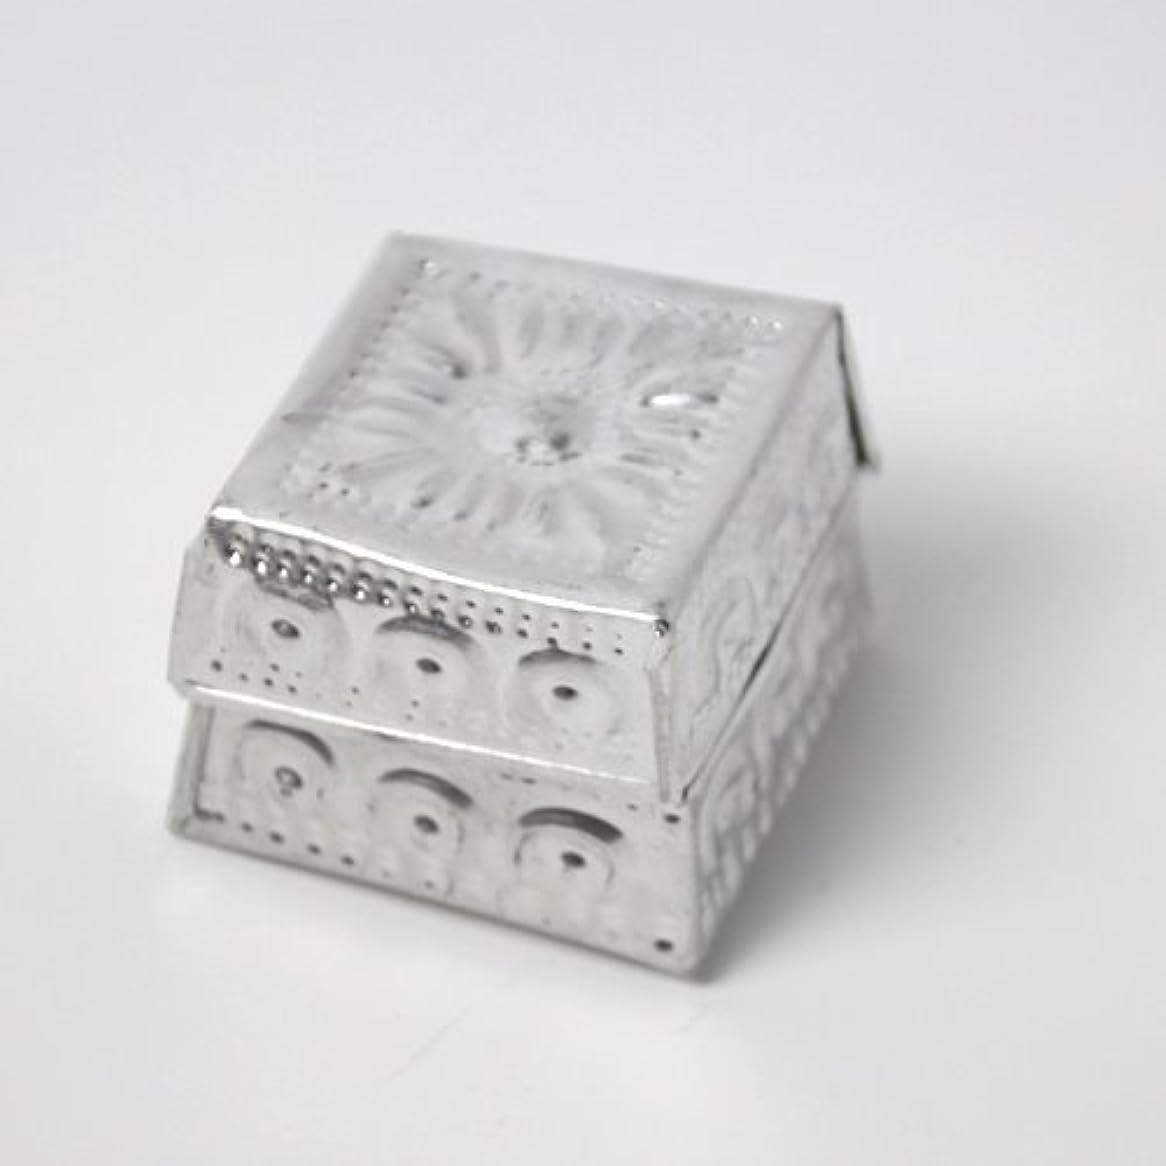 憂鬱北米関税アルミアートのボックスにはいったアロマキャンドル?四角